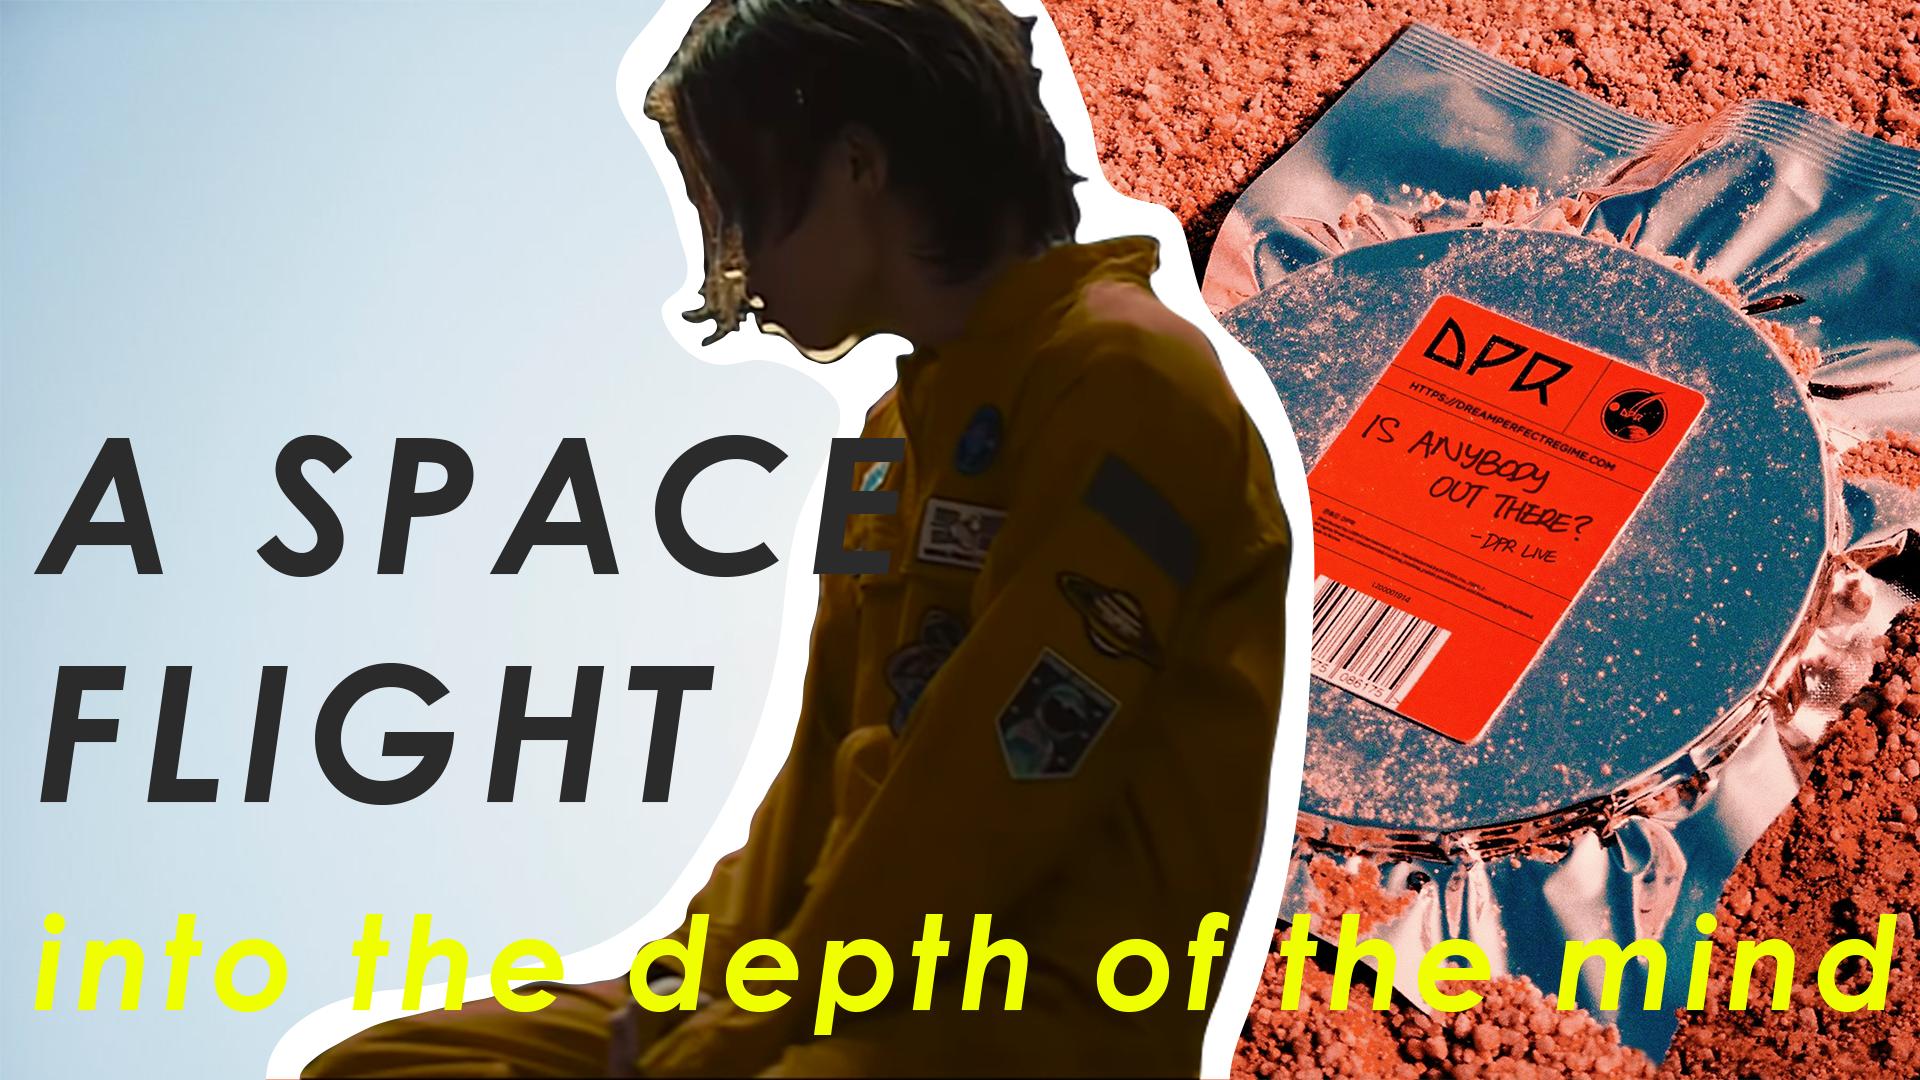 [VIDEO] Un Voyage Spatial dans la profondeur de l'esprit | Analyse d'IOAT?